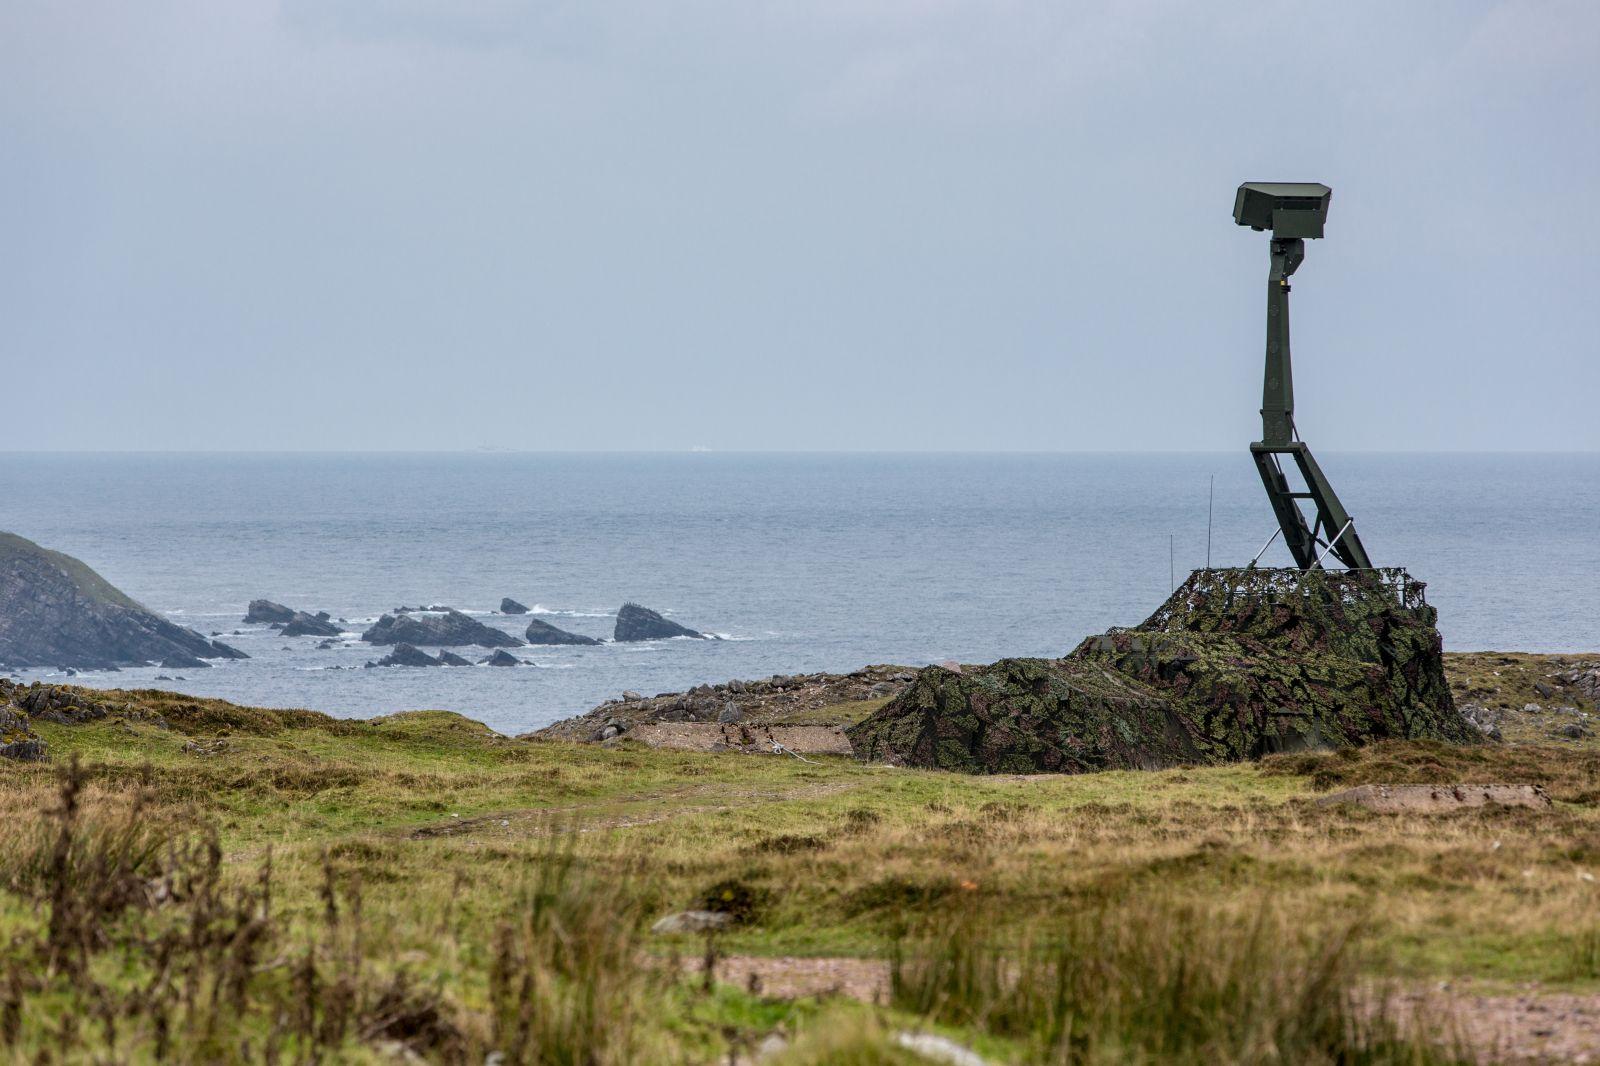 Saab подписа договор за поддръжка на наземни радари с Великобритания